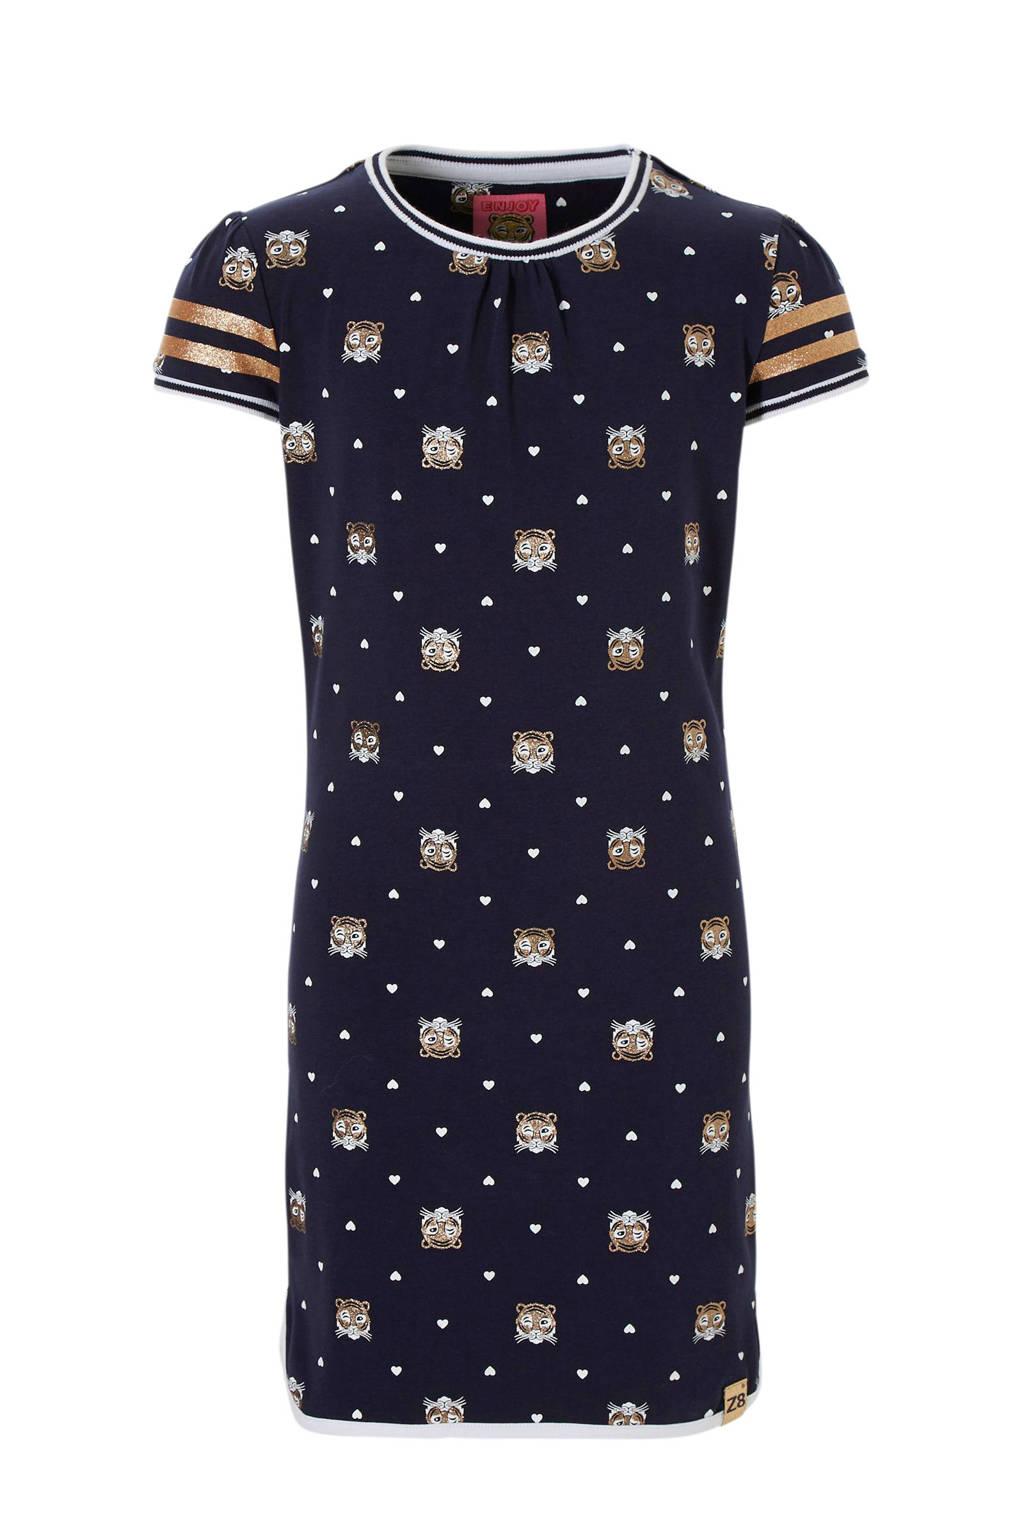 Z8 jurk Sophie met tijgers en hartjes blauw, Blauw/goud